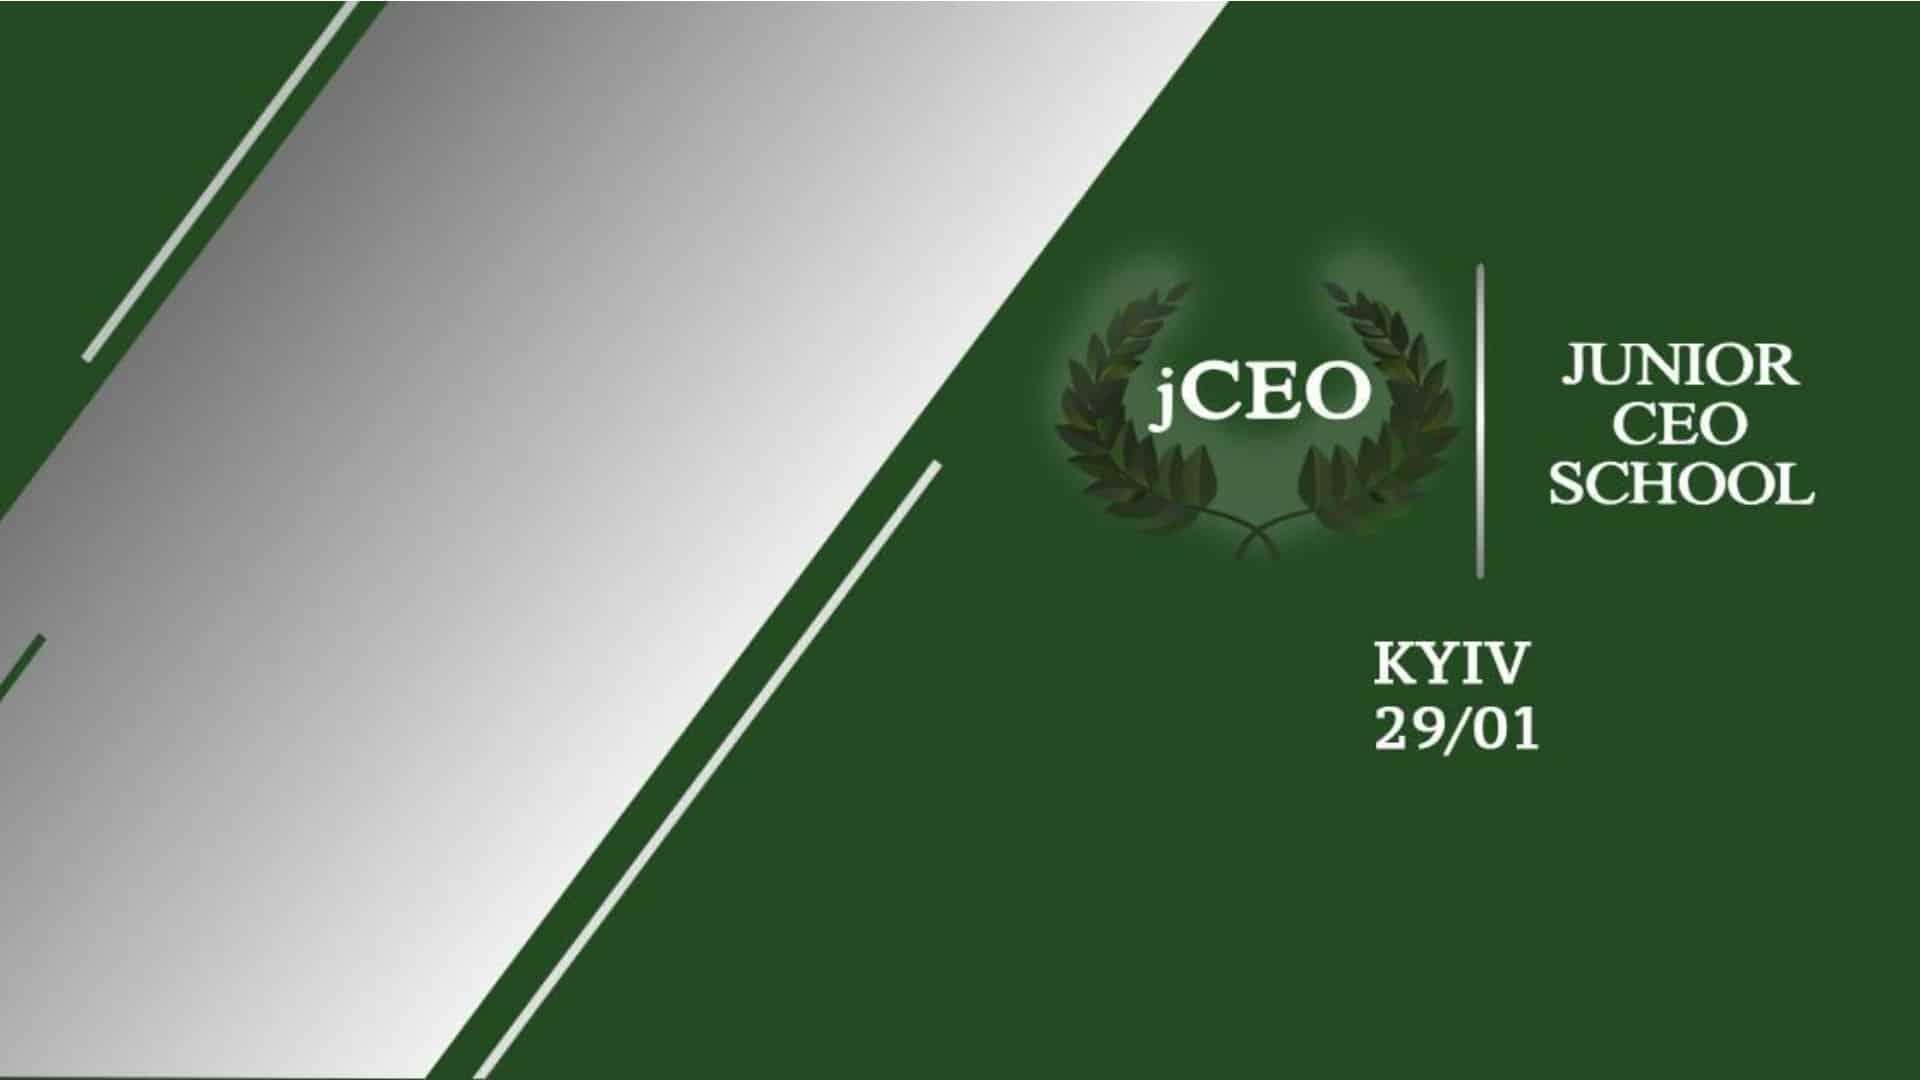 Junior CEO School